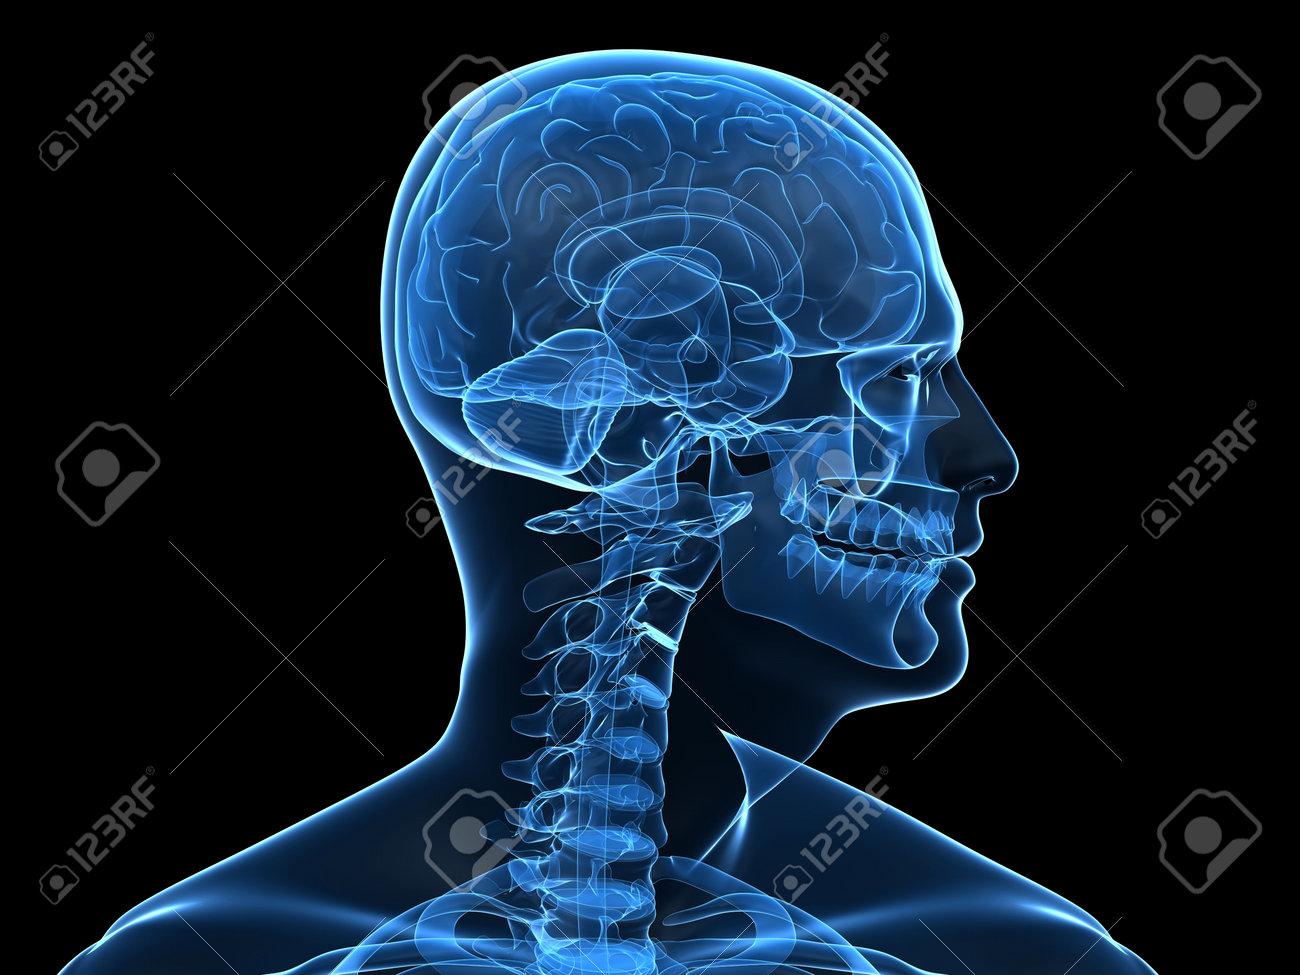 Radiografía De La Cabeza Humana Con Partes Del Cerebro Fotos ...